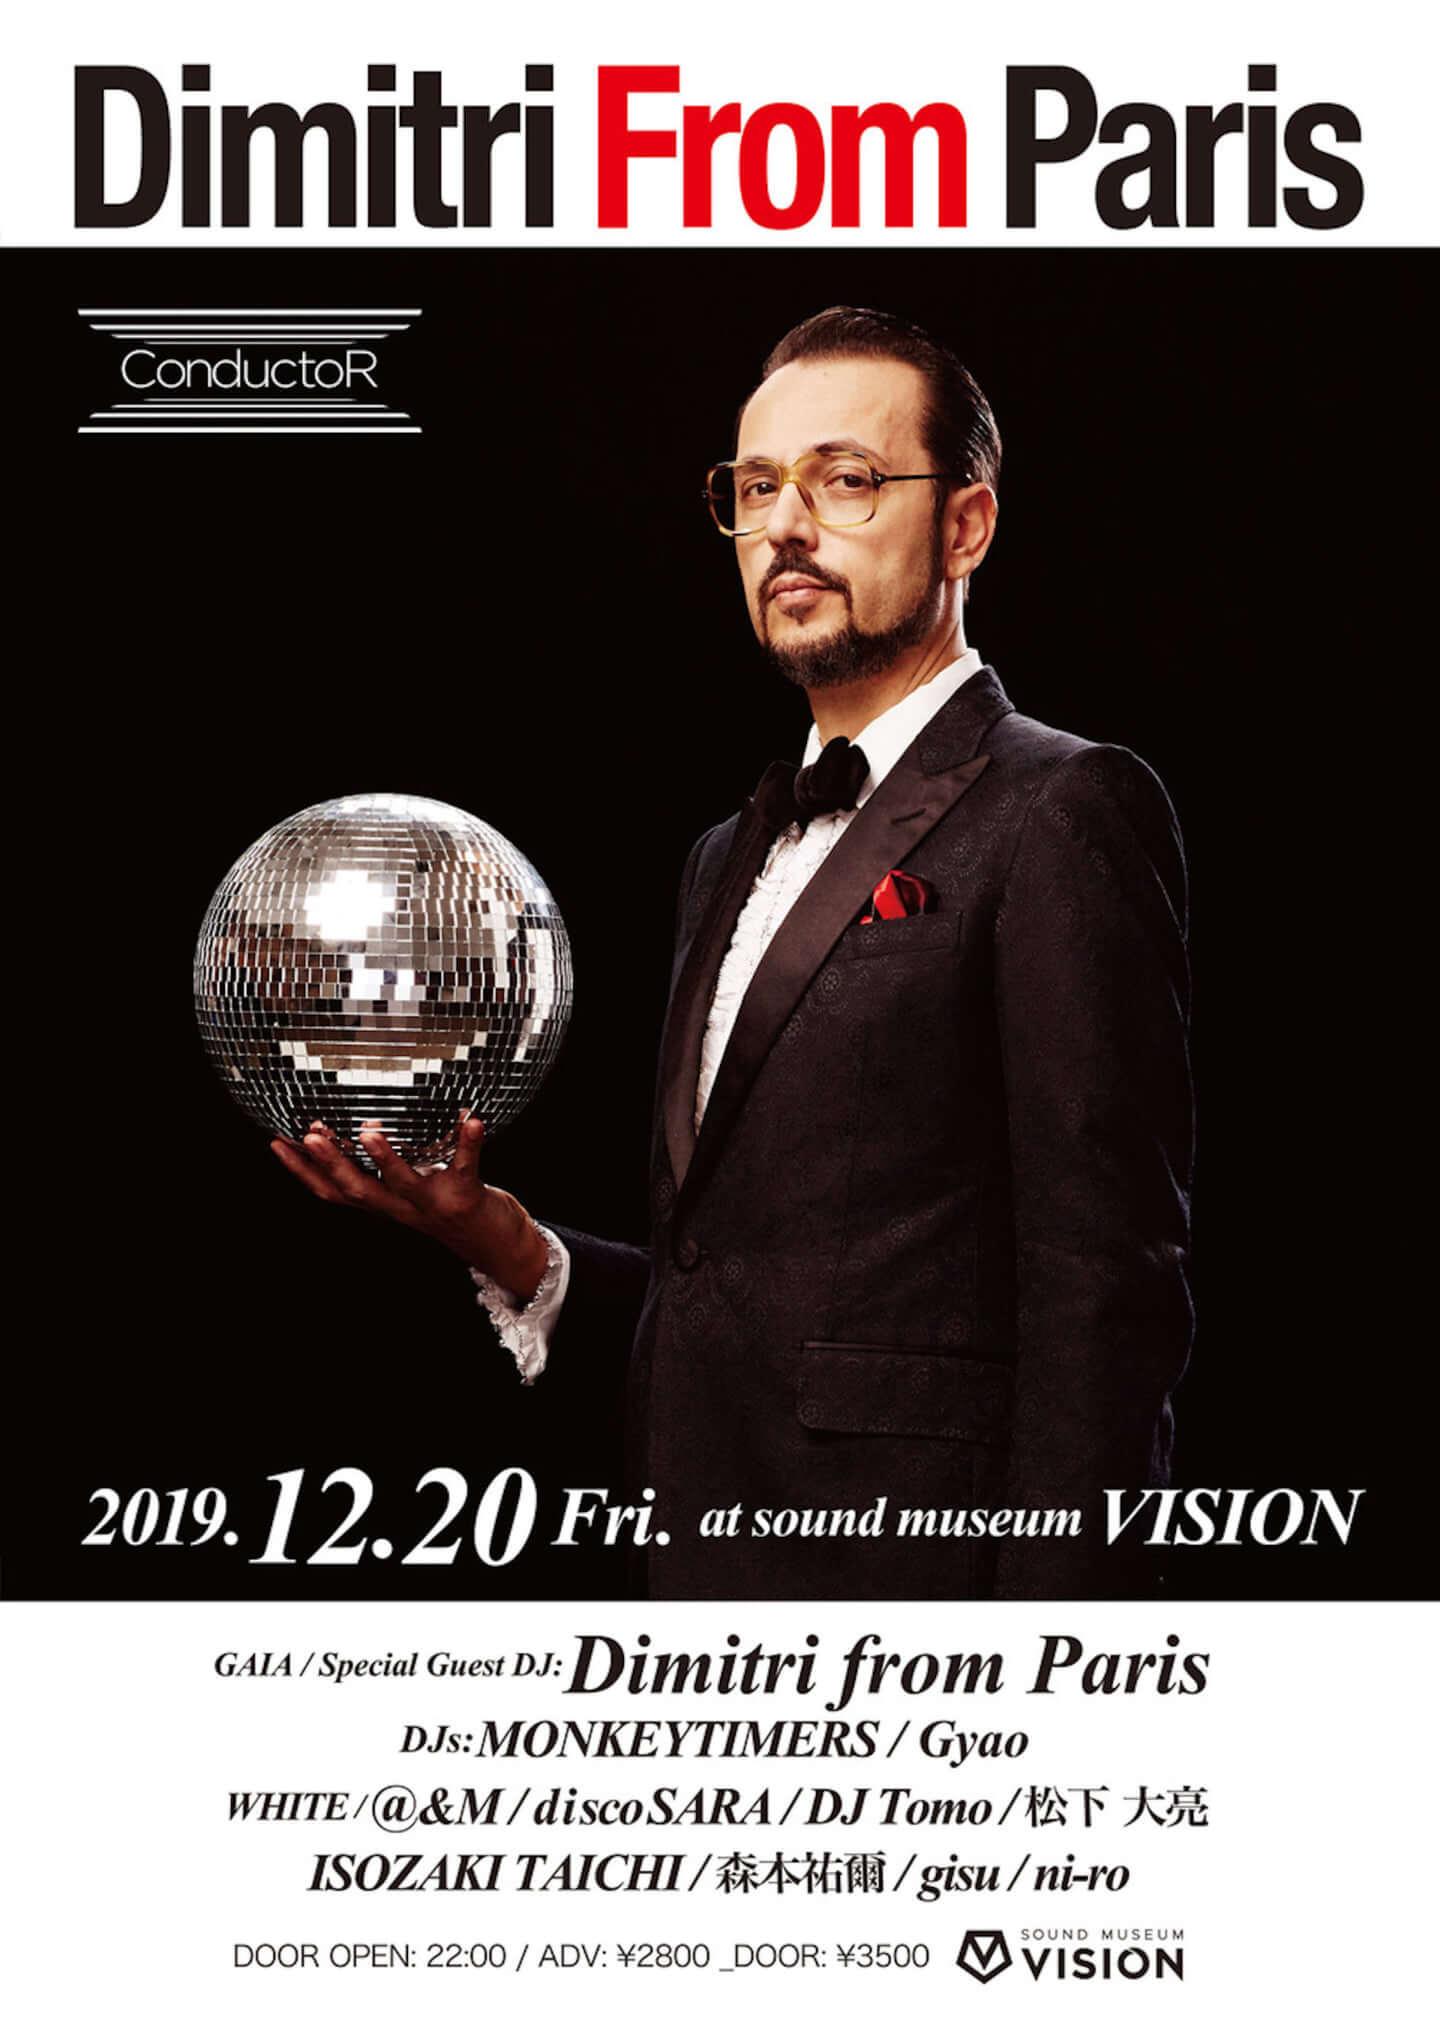 フランスのハウス・ディスコのベテランDJ・Dimitri From Parisが渋谷VISION<CONDUCTOR>に初登場!イタリアからGai Baroneも出演 music191216_dimitri_conductor_01-1440x2019